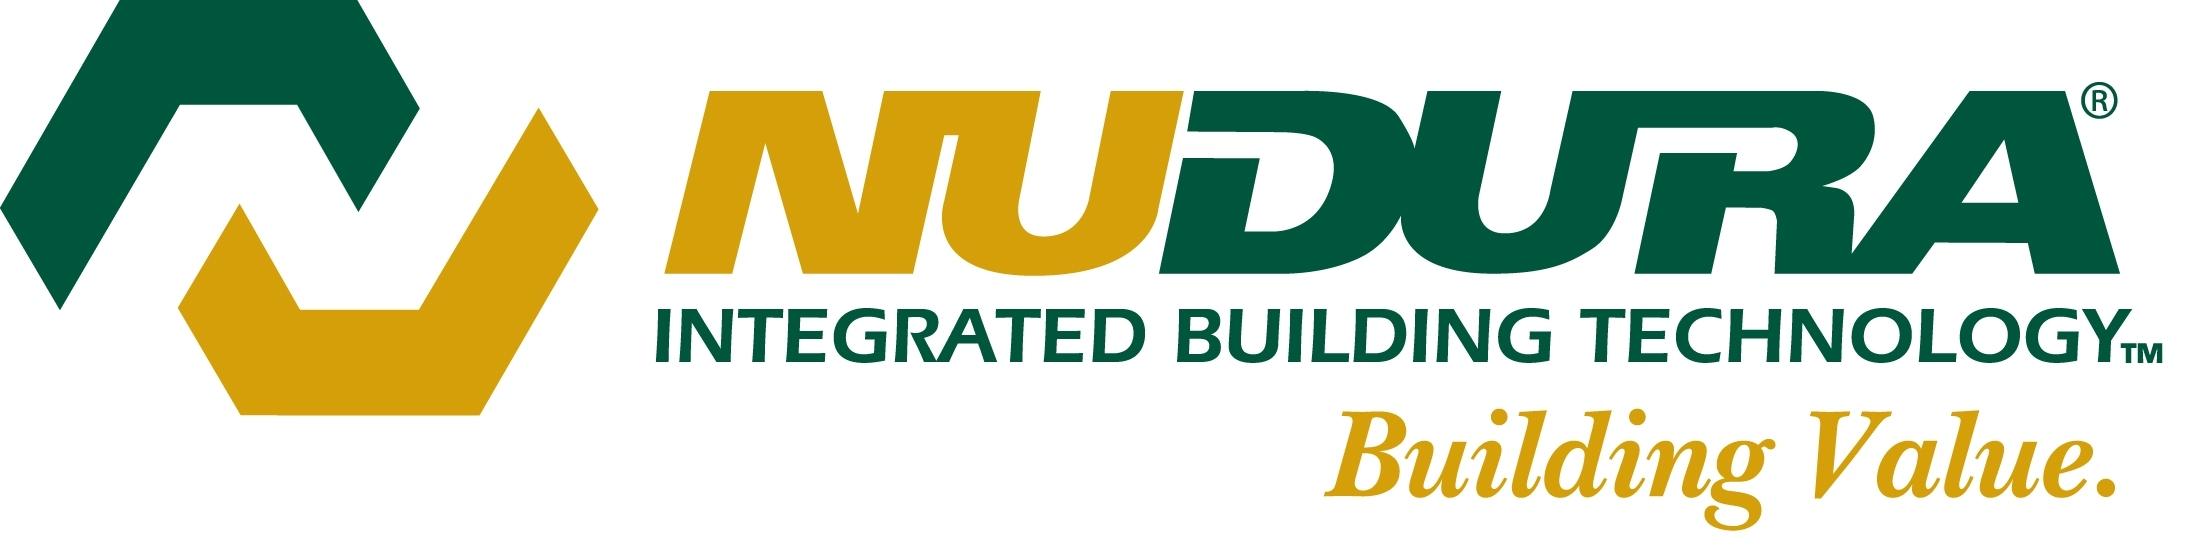 nudura_logo_eng.jpg